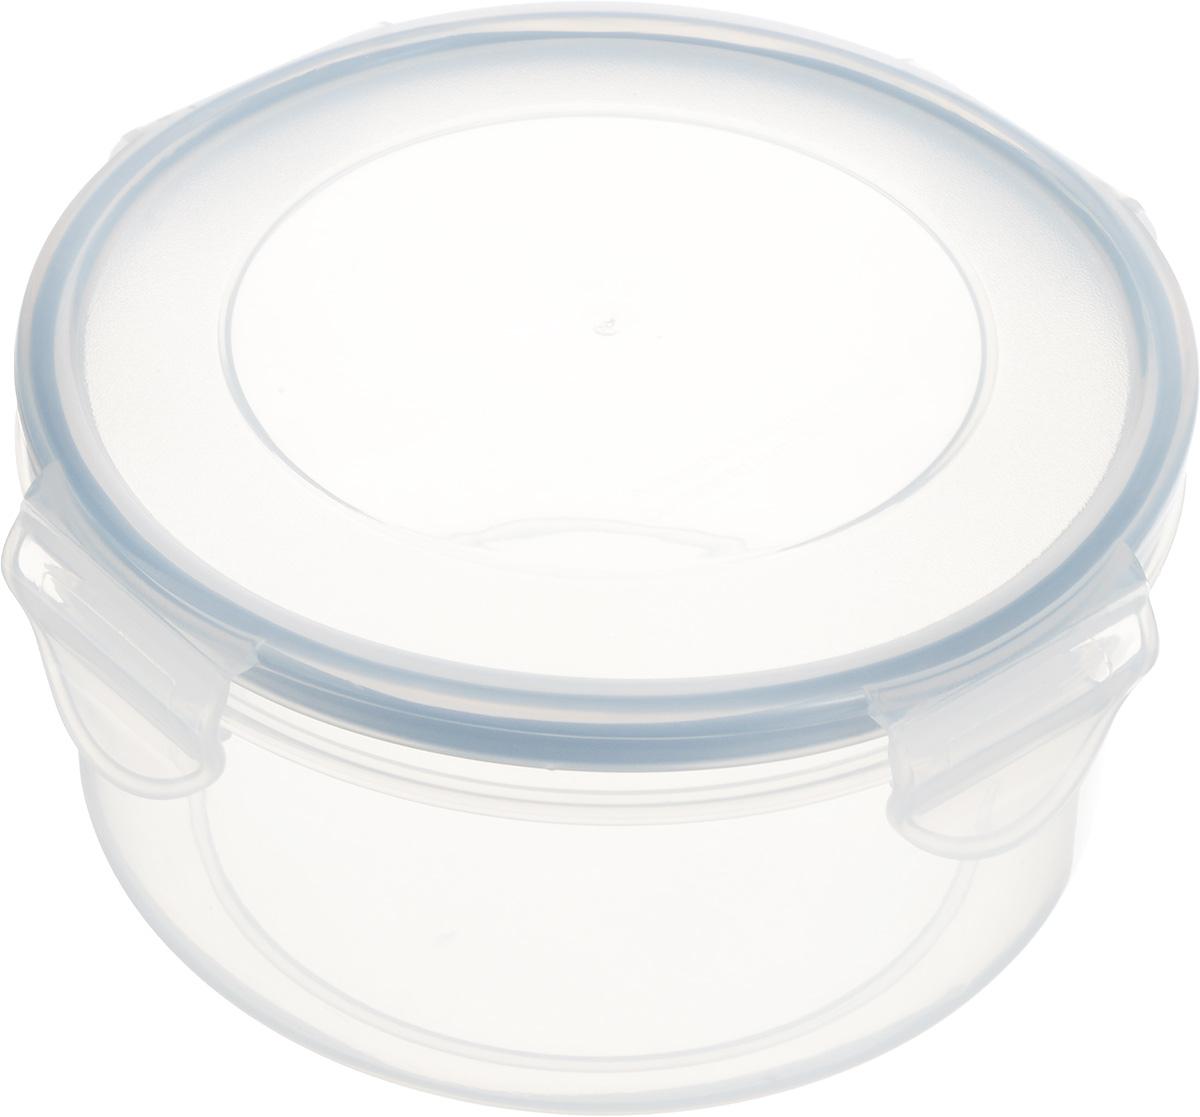 Контейнер Tescoma Freshbox, круглый, 0,8лFD-59Круглый контейнер Tescoma Freshbox изготовлен из высококачественного пластика. Изделие идеально подходит не только для хранения, но и для транспортировки пищи. Контейнер имеет крышку, которая плотно закрывается на 4 защелки и оснащена специальной силиконовой прослойкой, предотвращающей проникновение влаги и запахов. Изделие подходит для домашнего использования, для пикников, поездок, отдыха на природе, его можно взять с собой на работу или учебу. Можно использовать в СВЧ-печах, холодильниках и морозильных камерах. Можно мыть в посудомоечной машине.Диаметр контейнера (без учета крышки): 14 см. Высота контейнера (без учета крышки): 7 см.